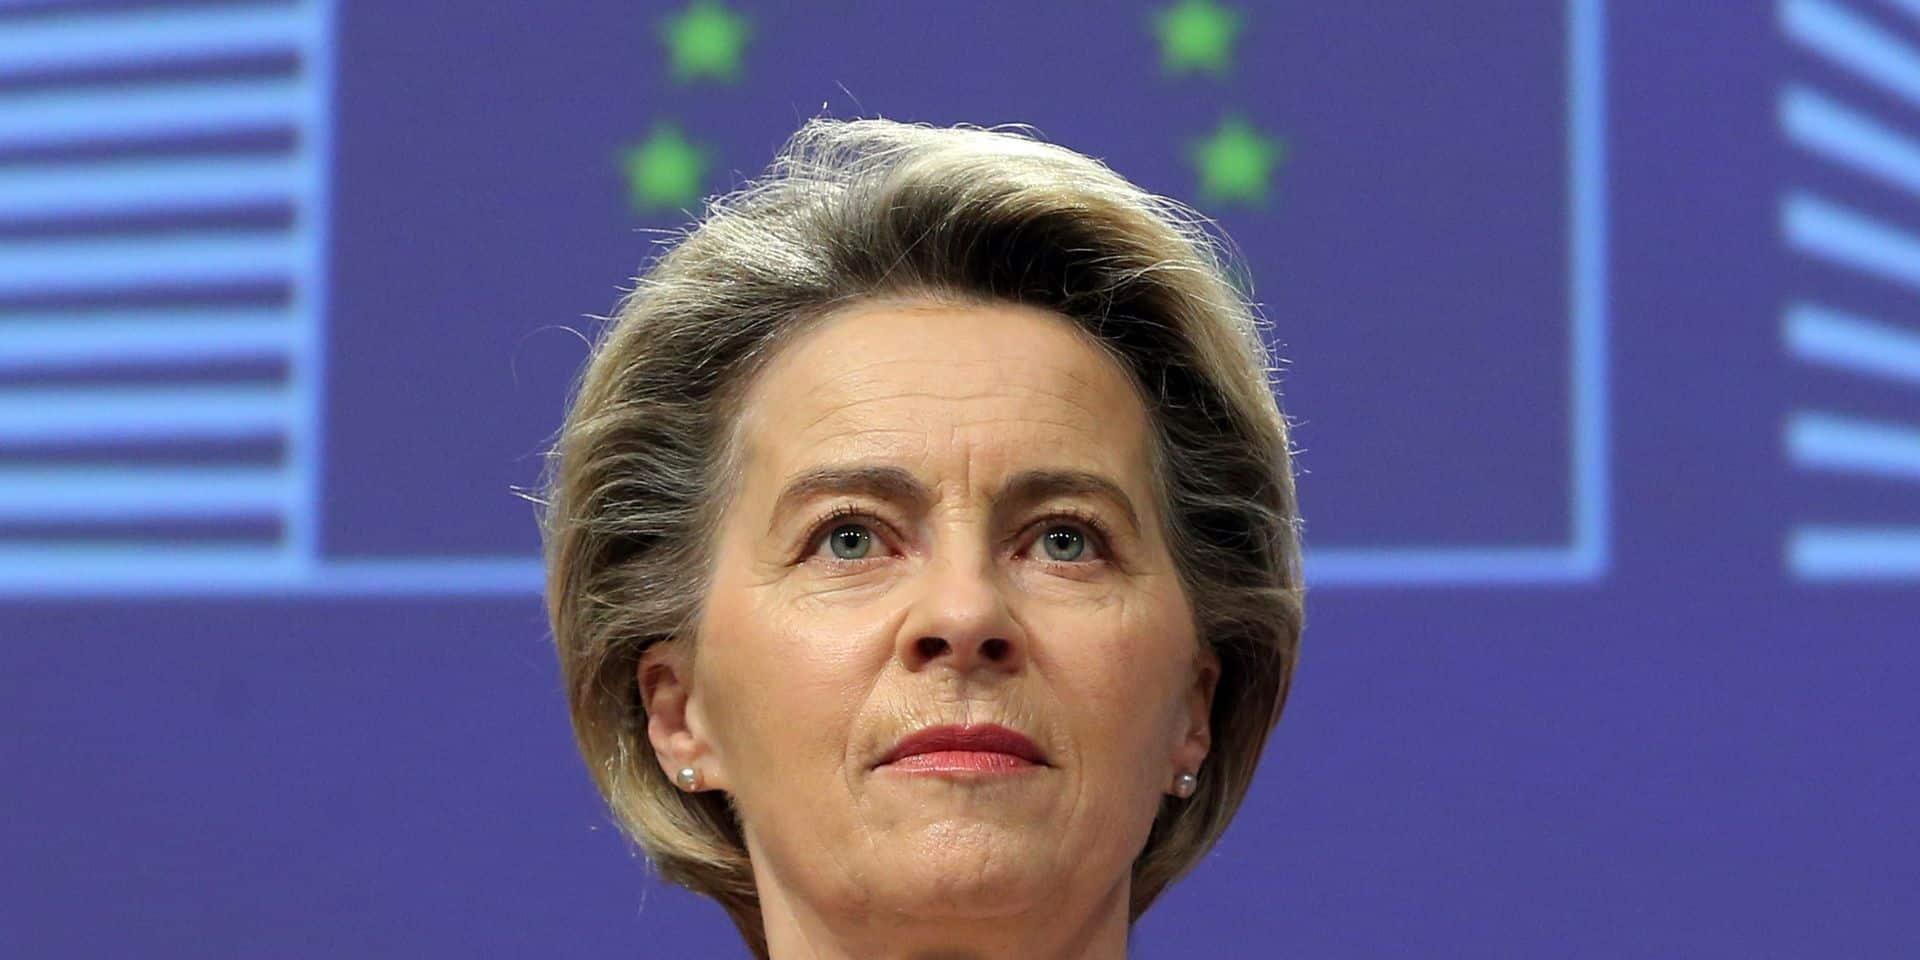 La présidente de la Commission Ursula von der Leyen sera l'hôte des Grandes conférences catholiques, le lundi 25 janvier